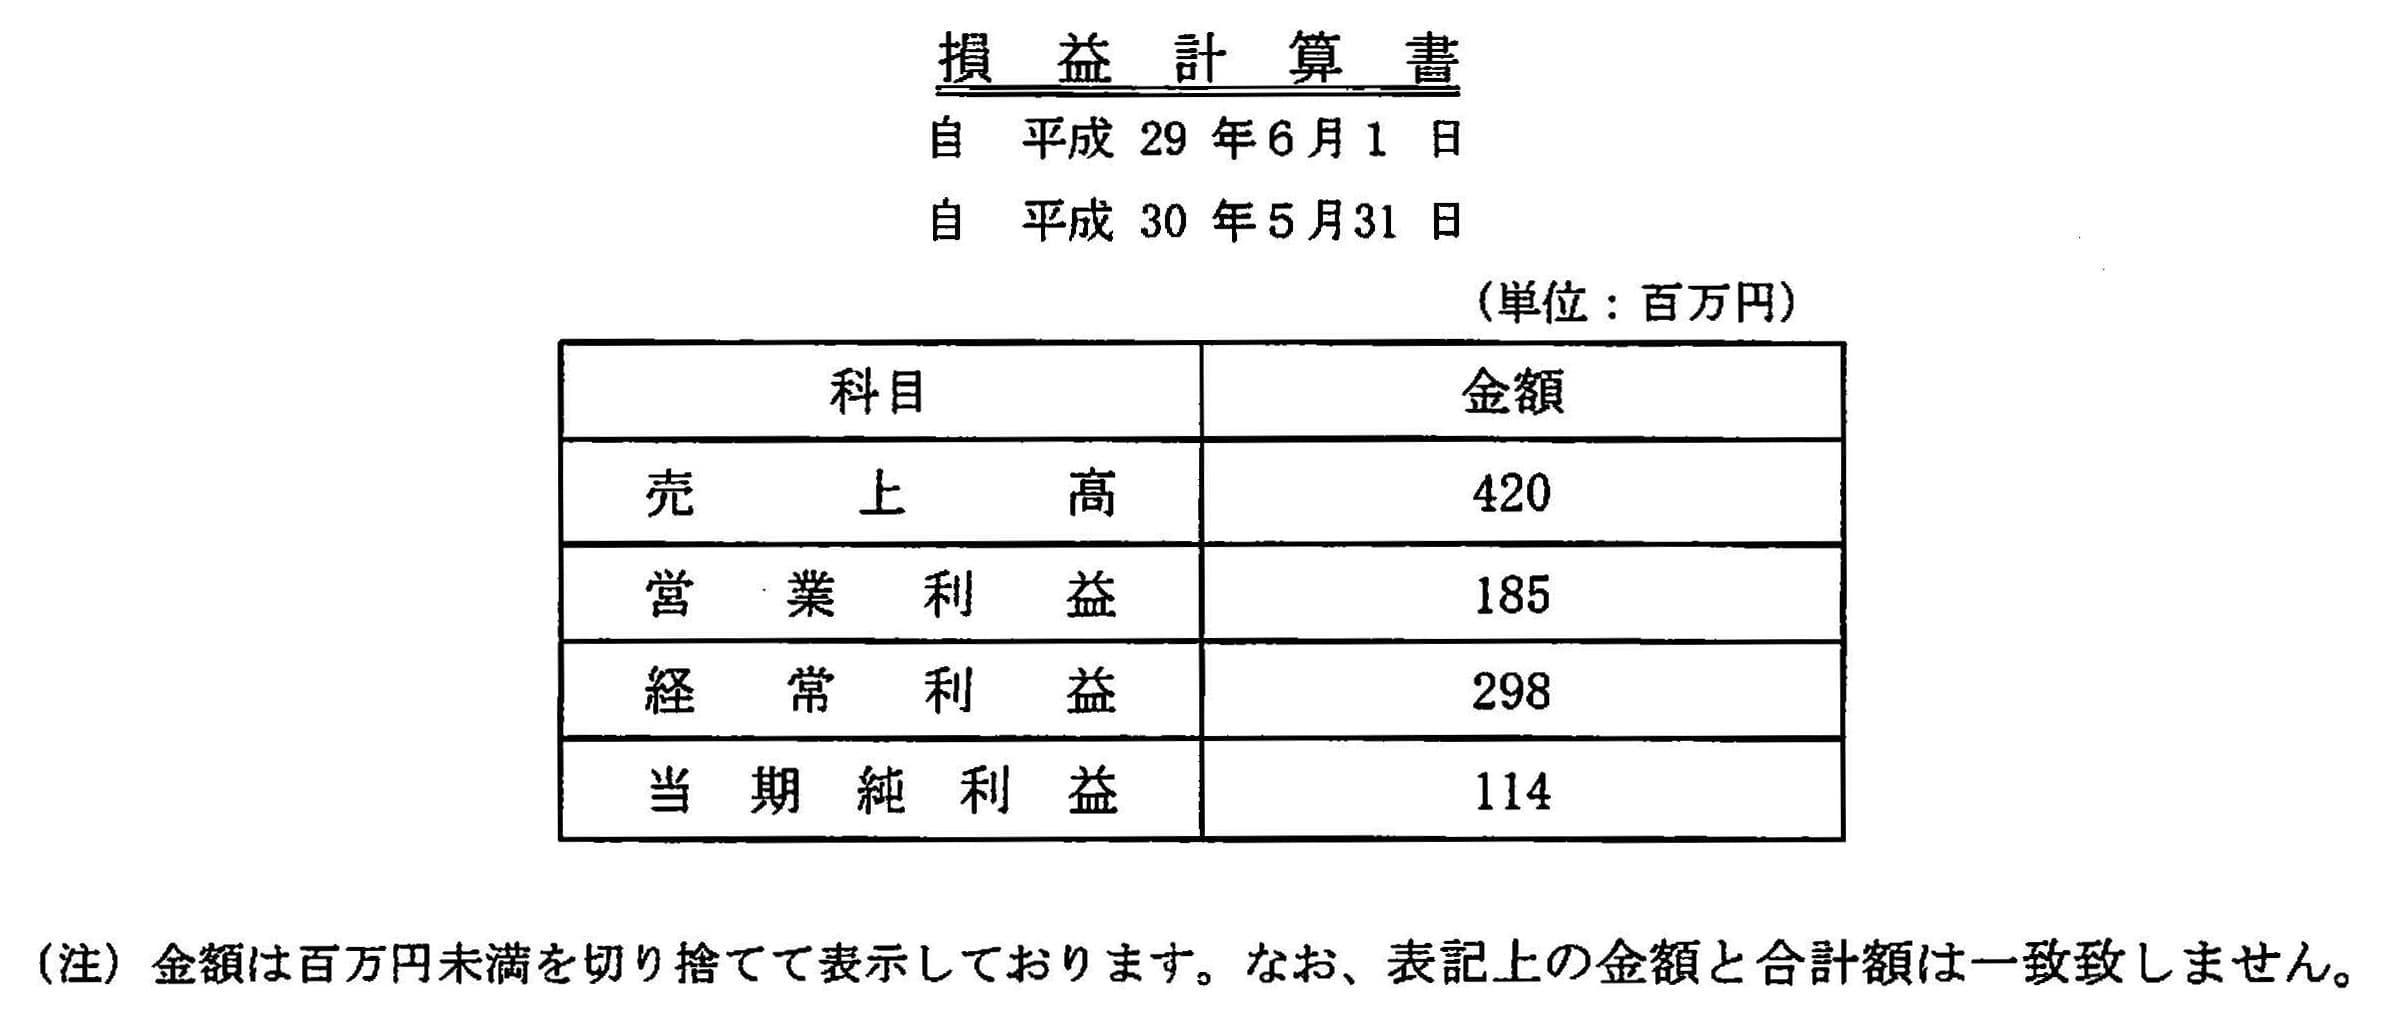 20180531_貸借対照表 2